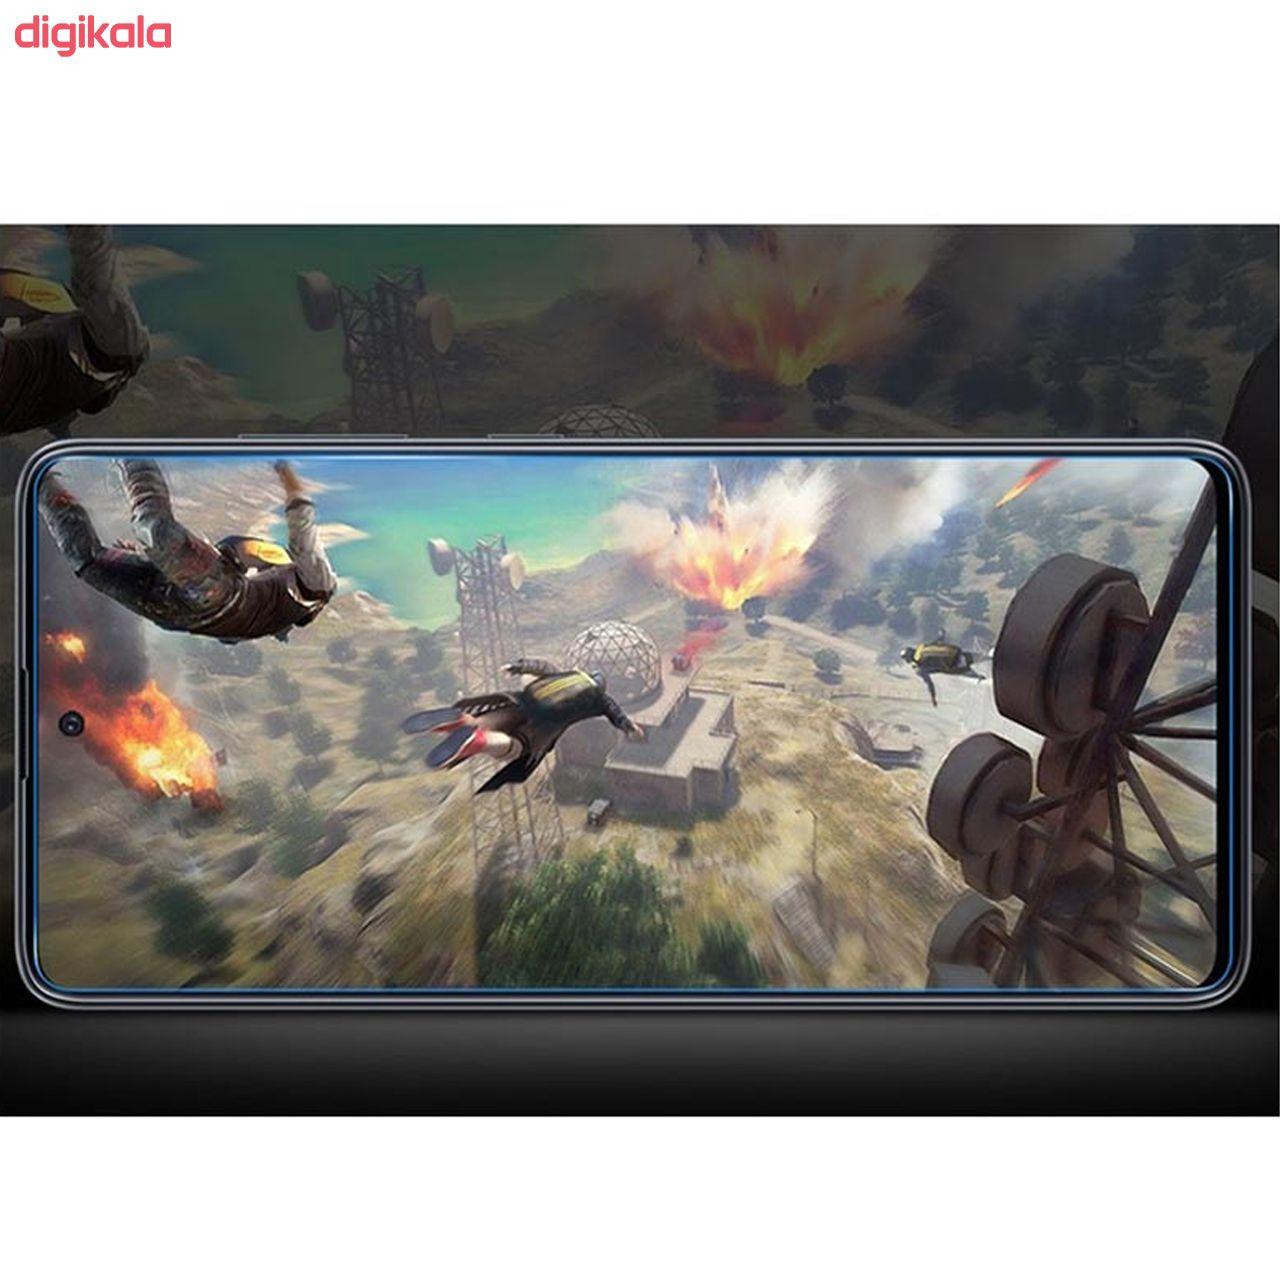 محافظ صفحه نمایش سیحان مدل CLT مناسب برای گوشی موبایل سامسونگ Galaxy A71 main 1 4